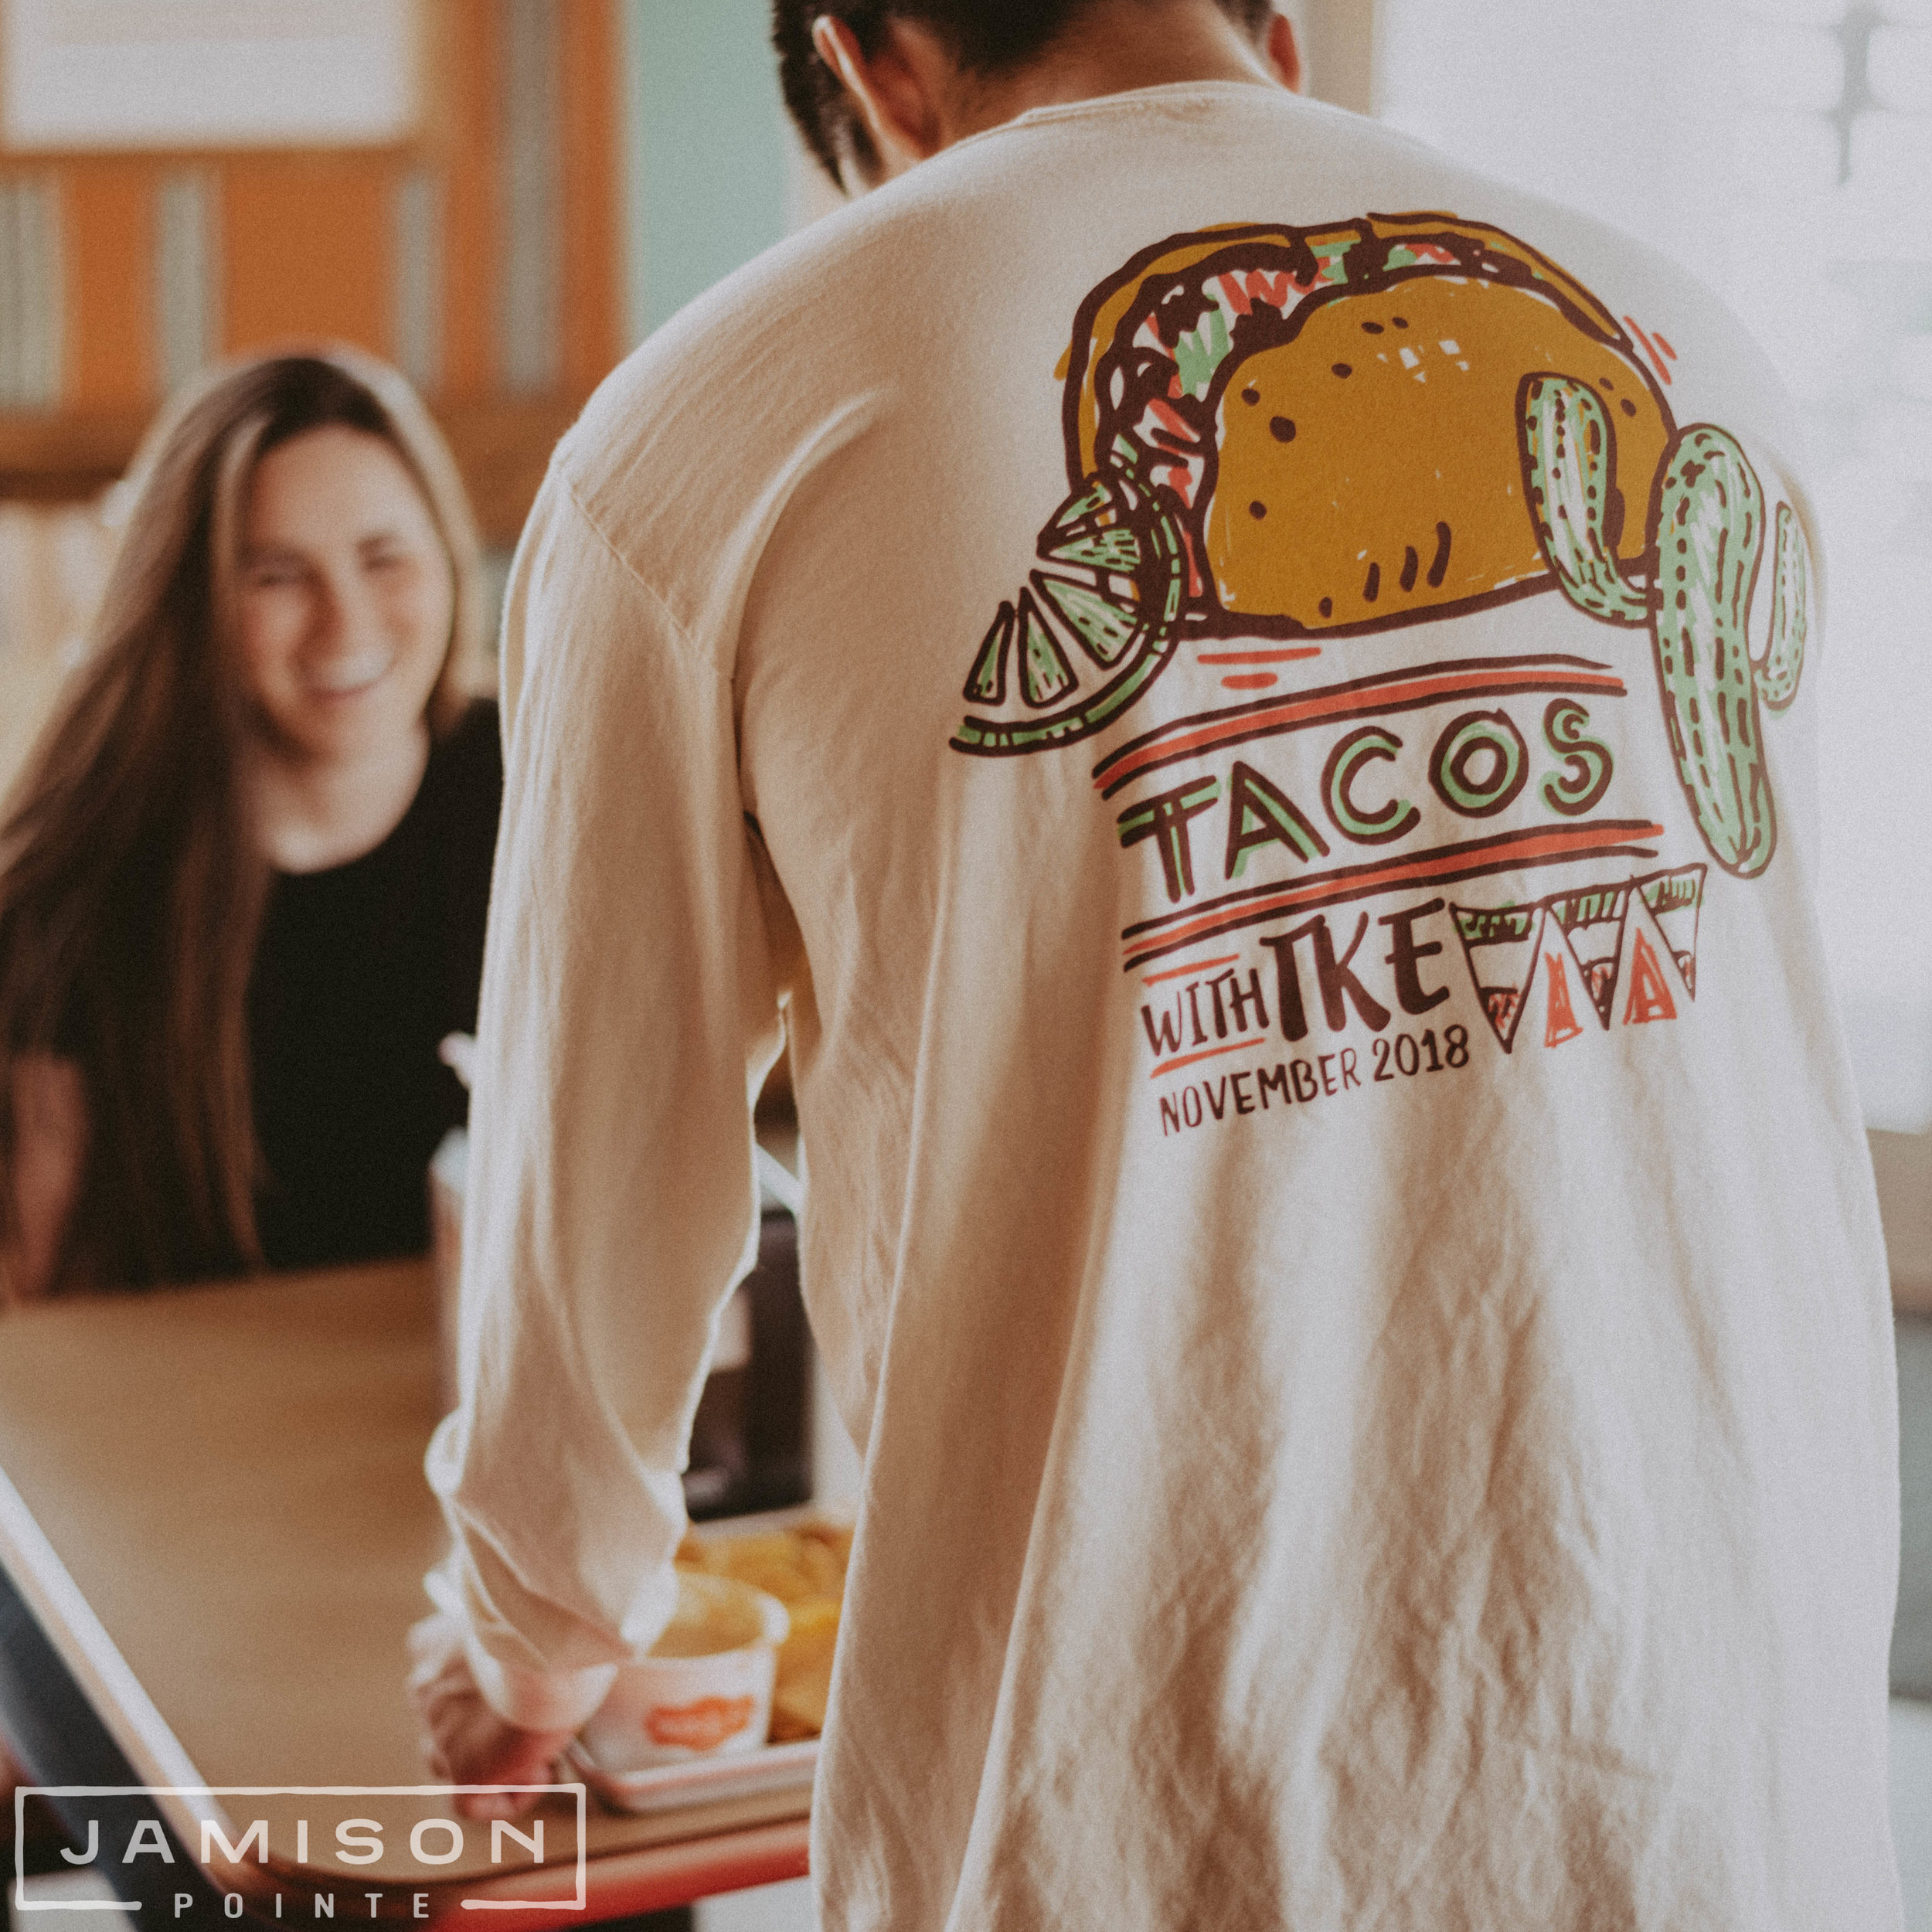 Tau Kappa Epsilon Tacos Philanthropy Tshirt